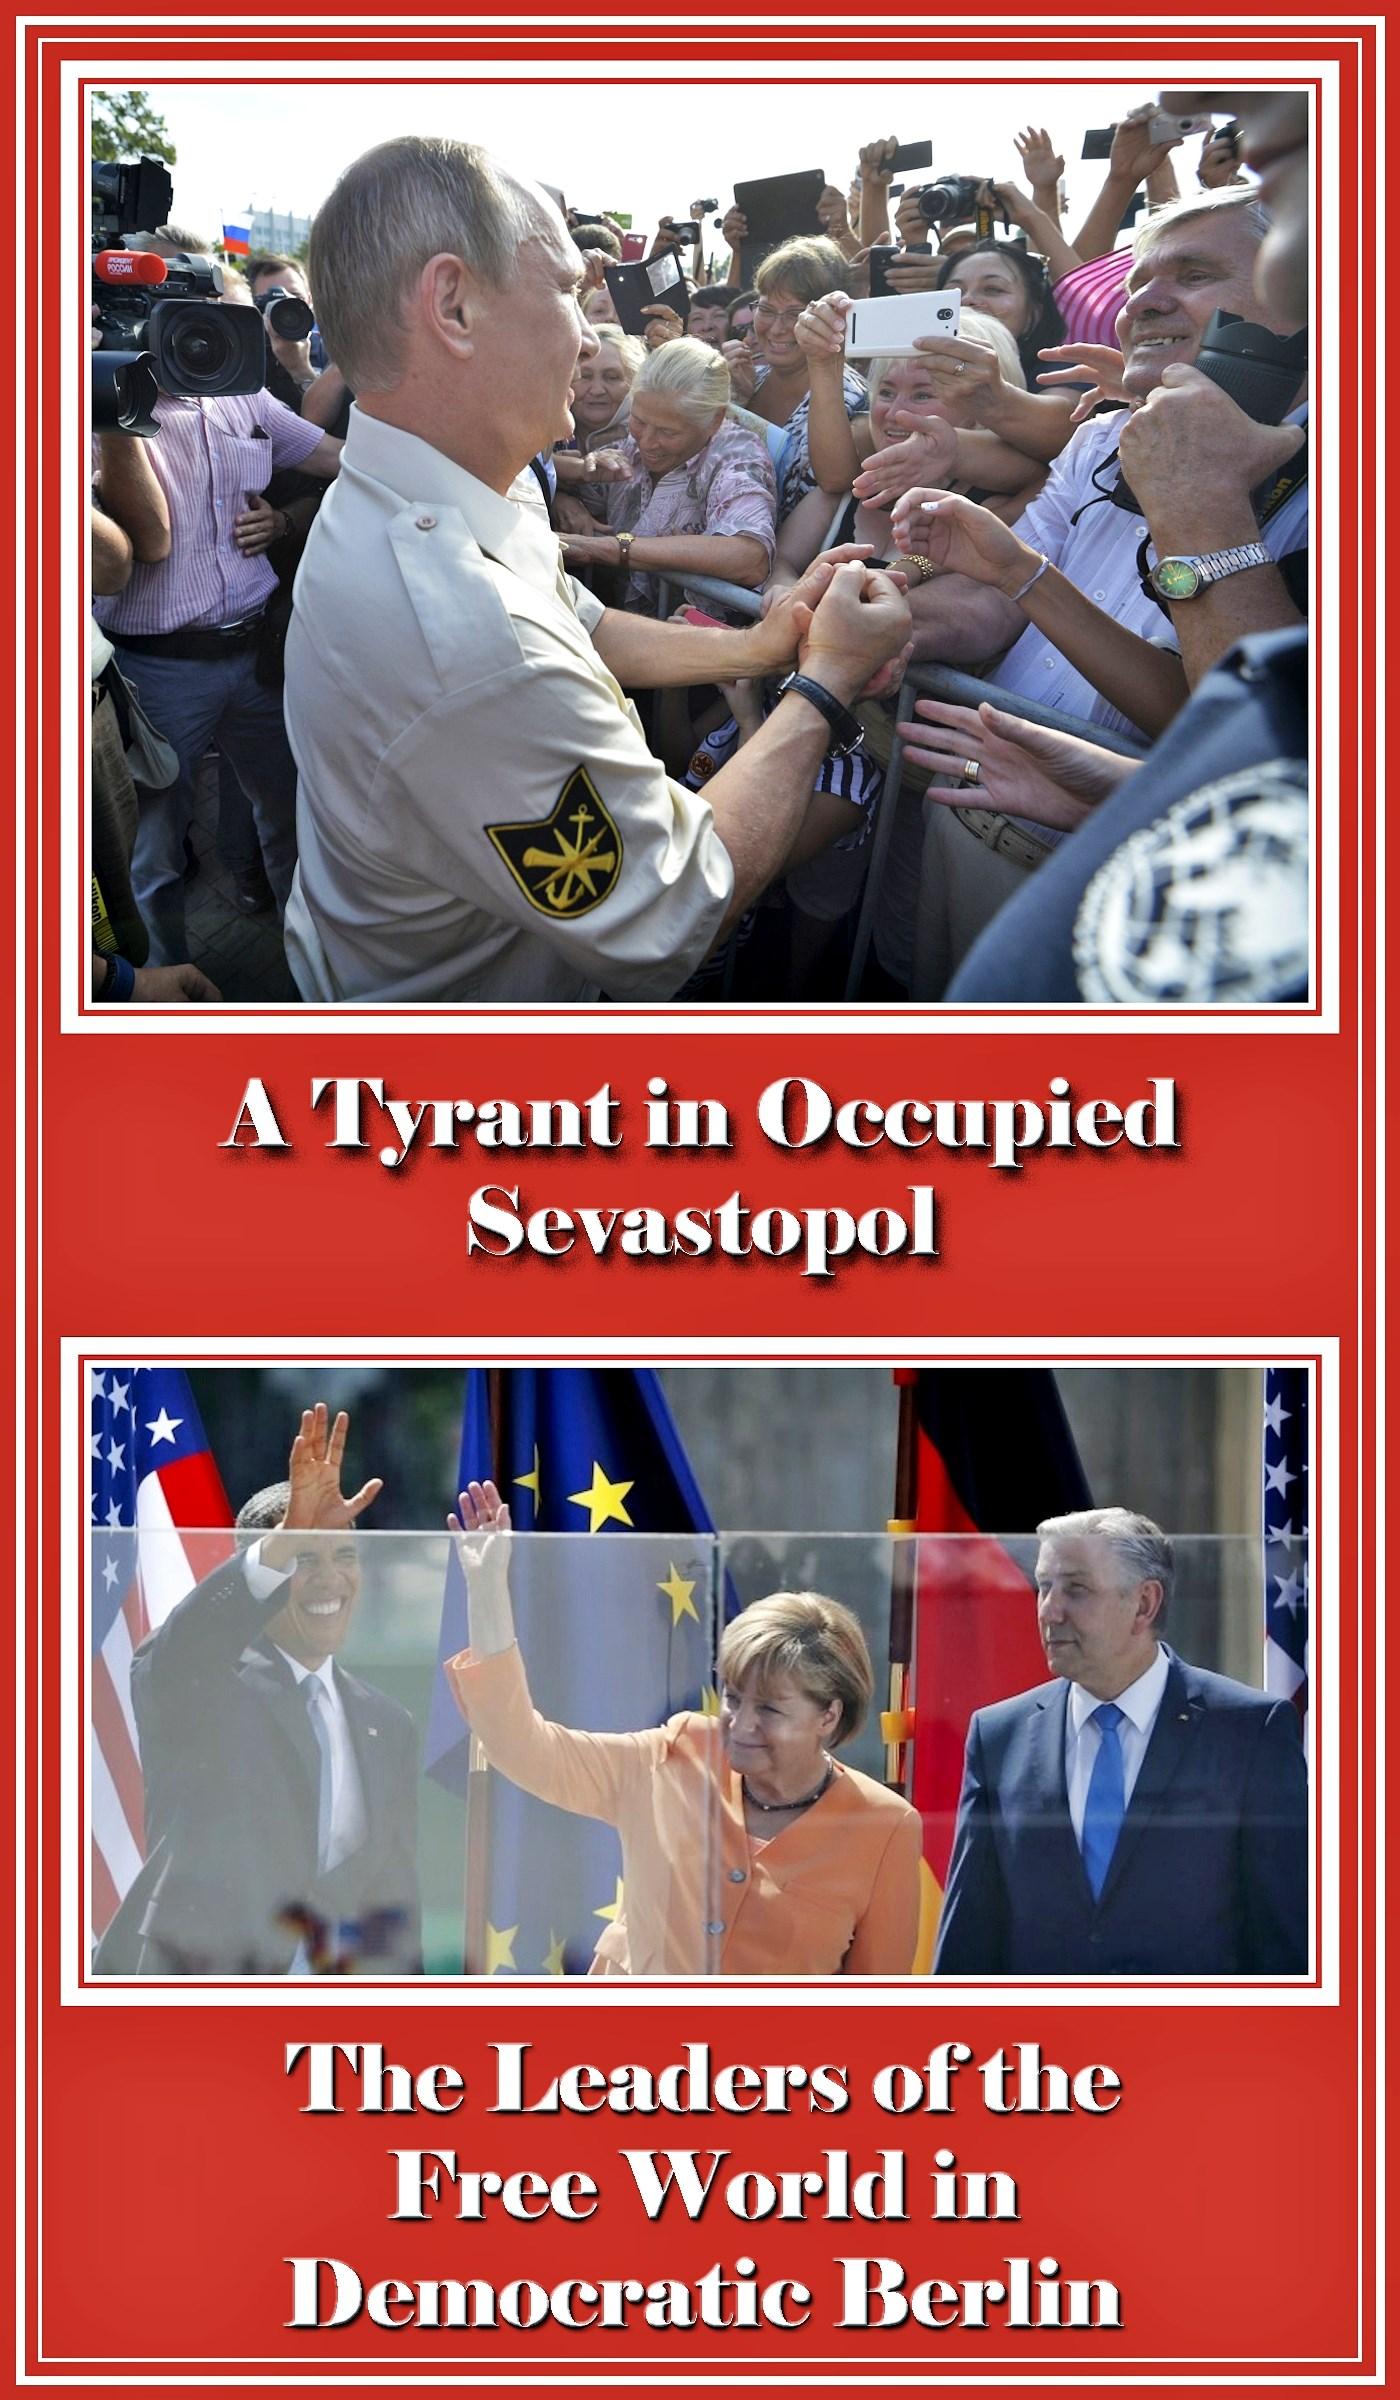 00 tyrant in occupied sevastopol